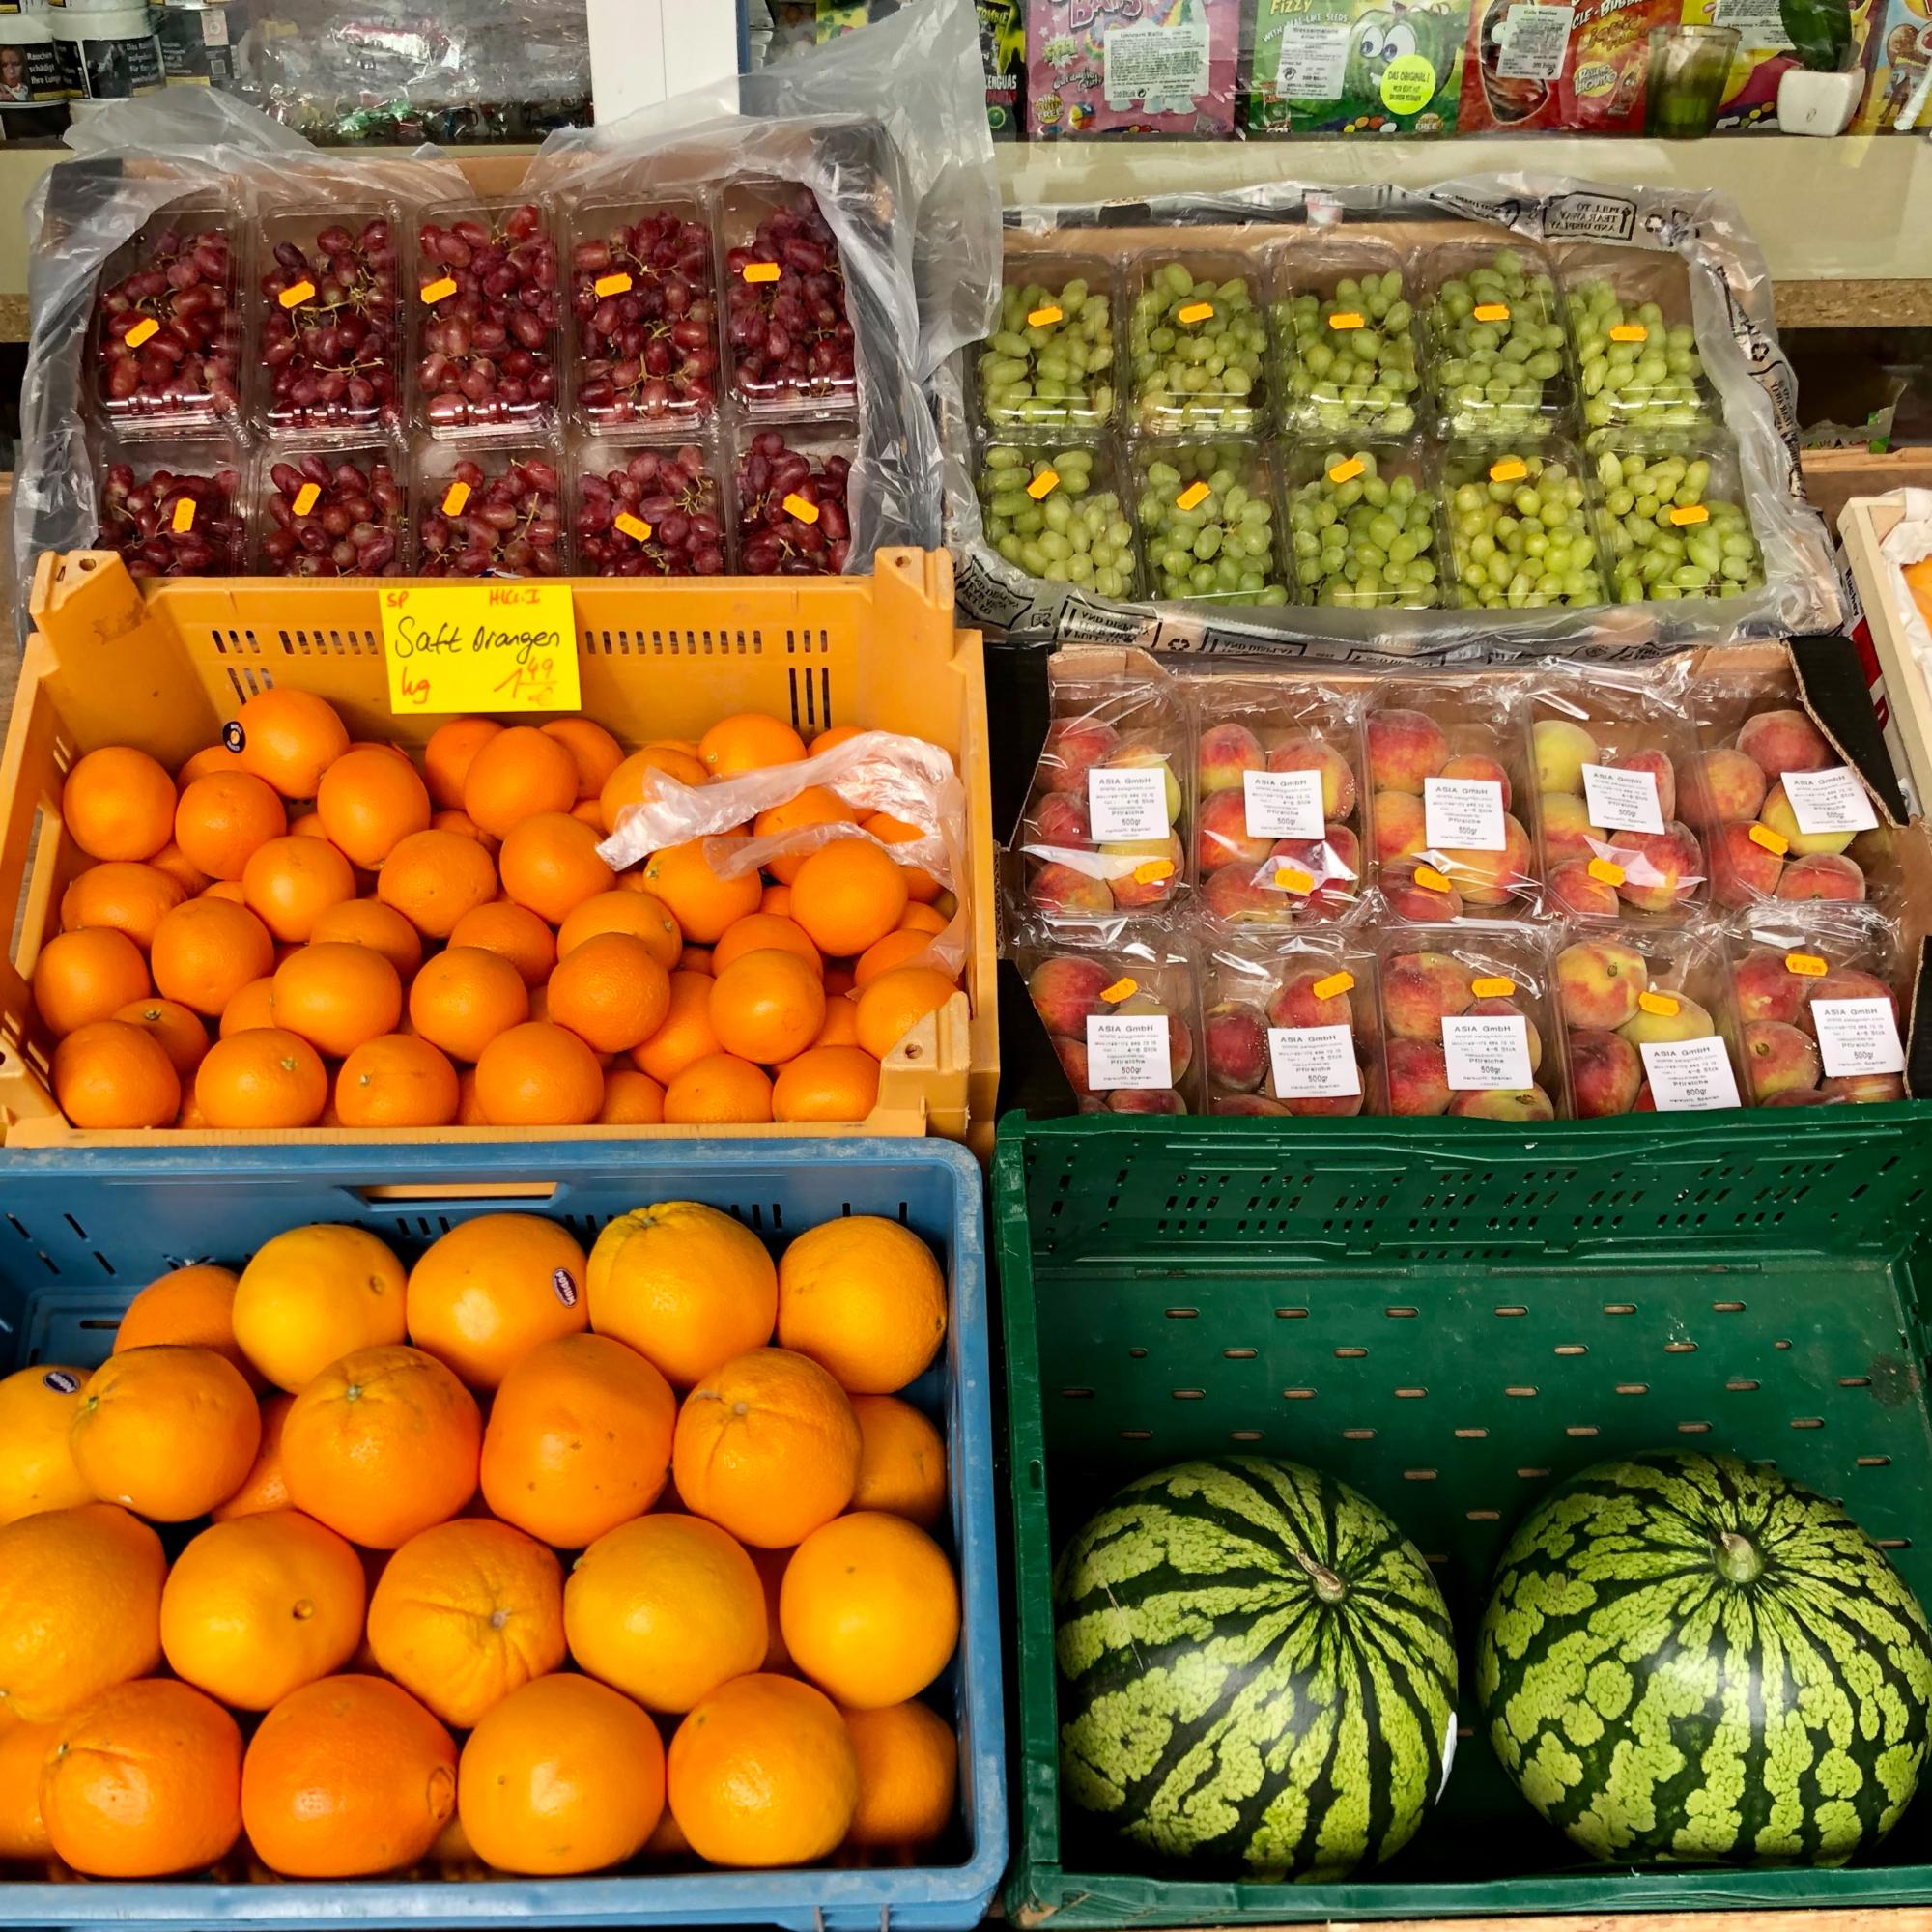 Mein-Wedel-elbkiosk-Frischemarkt-Obst-Gemuese-07